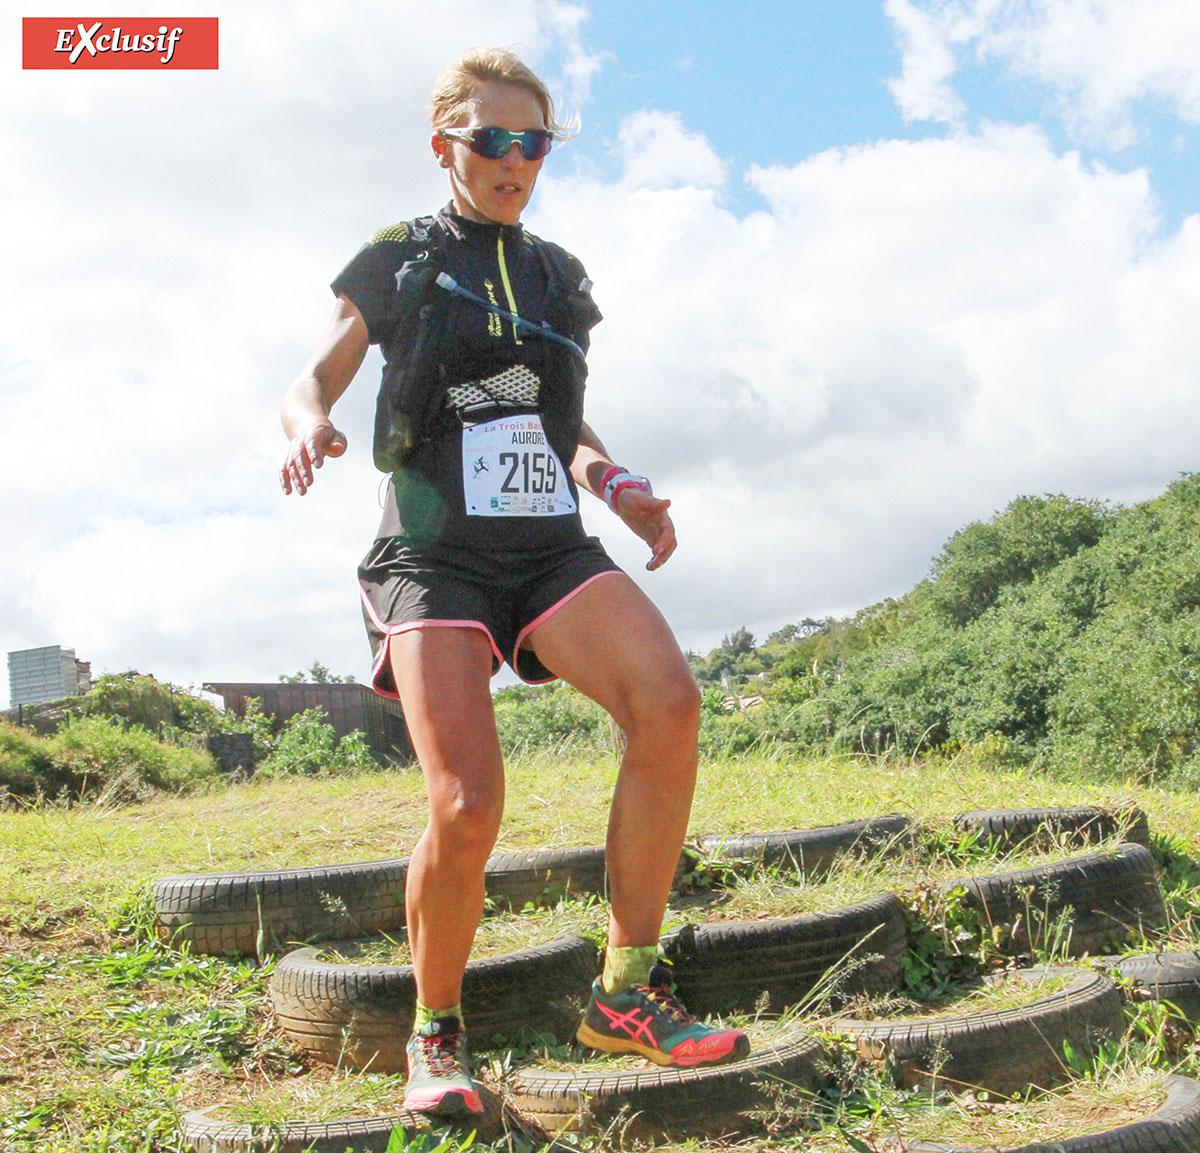 Aurore Canino 2ème des 43 km: de la Normandie à La Réunion, pour un futur Grand Raid qu'elle attend depuis si longtemps...